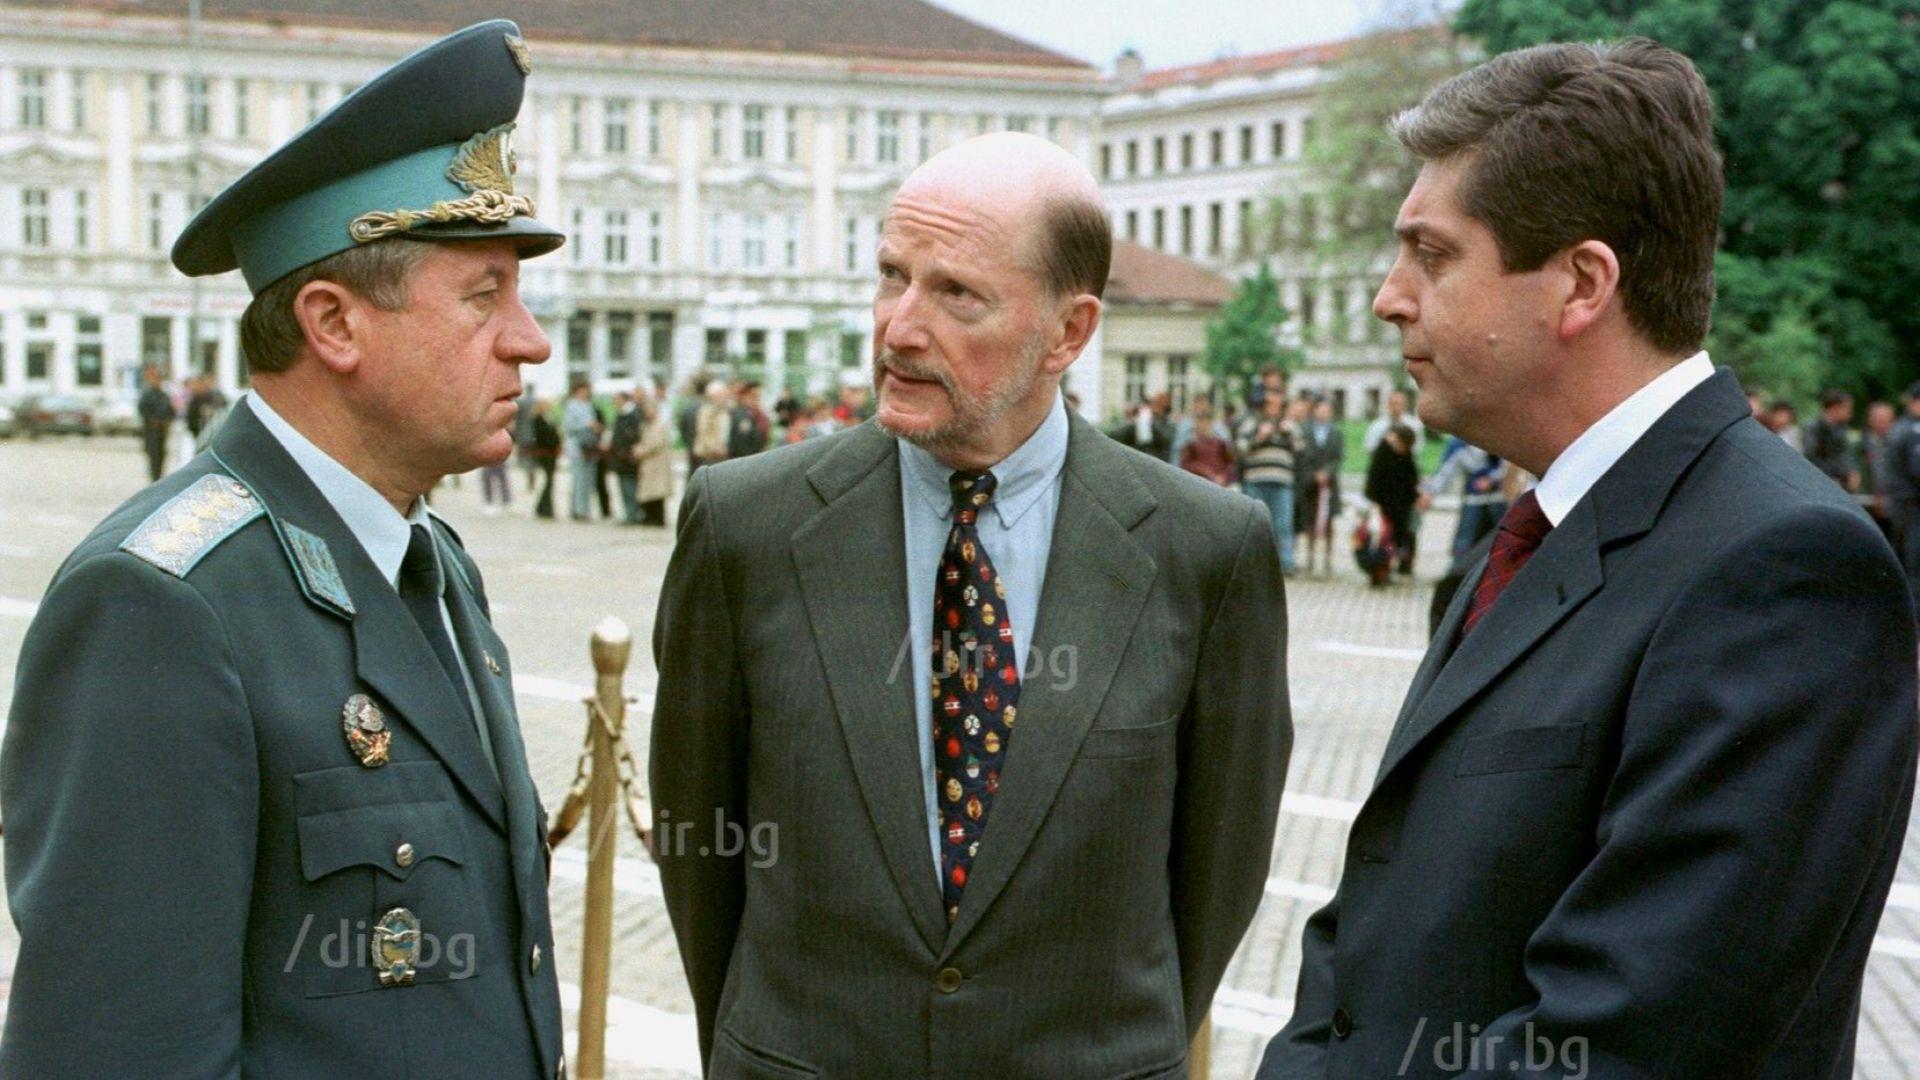 Парадът за Гергьовден - май 2002 г.